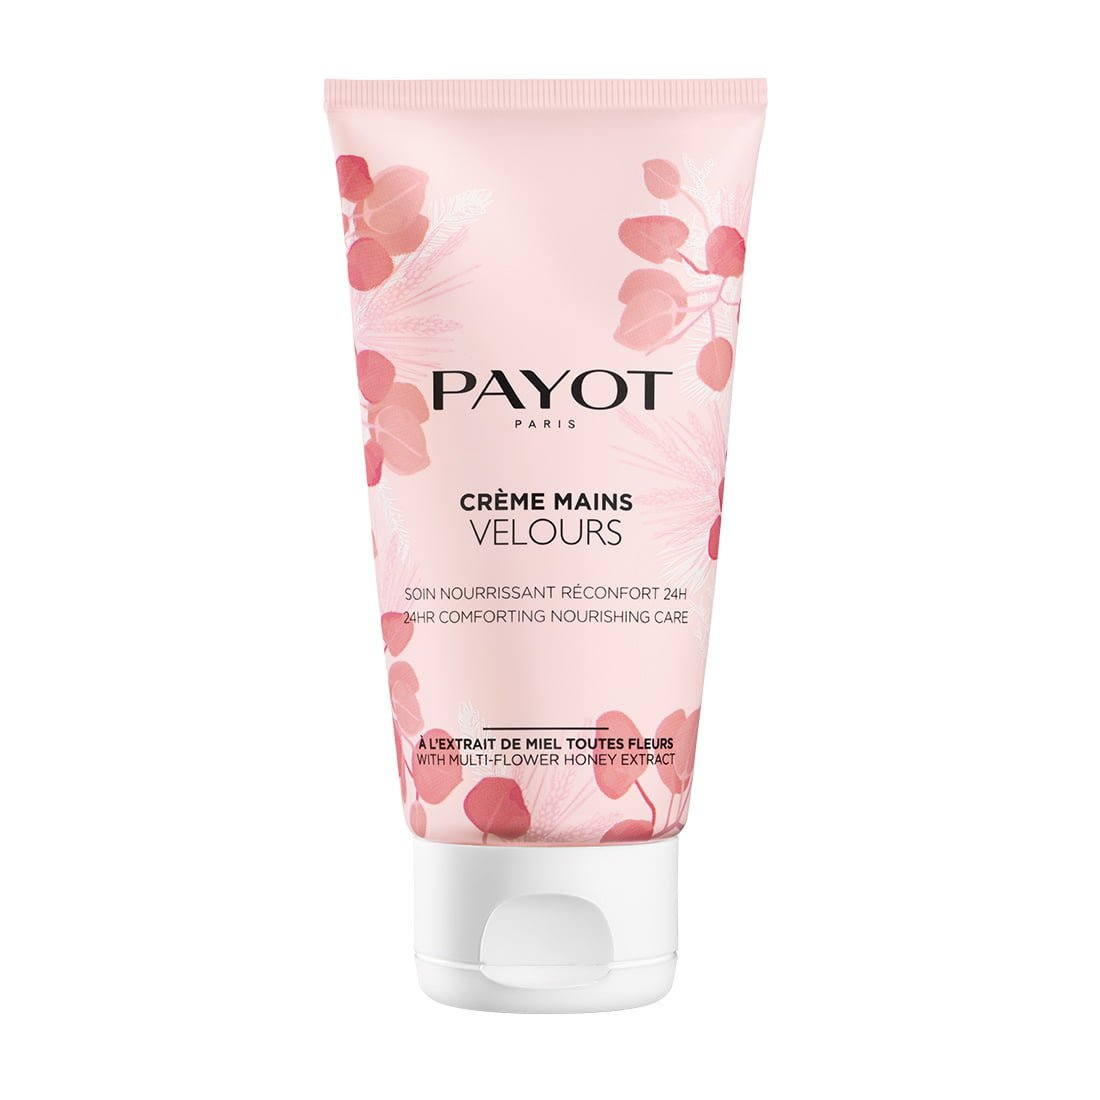 Payot - Crème Mains Velours - Soin nourrissant réconfortant 24h